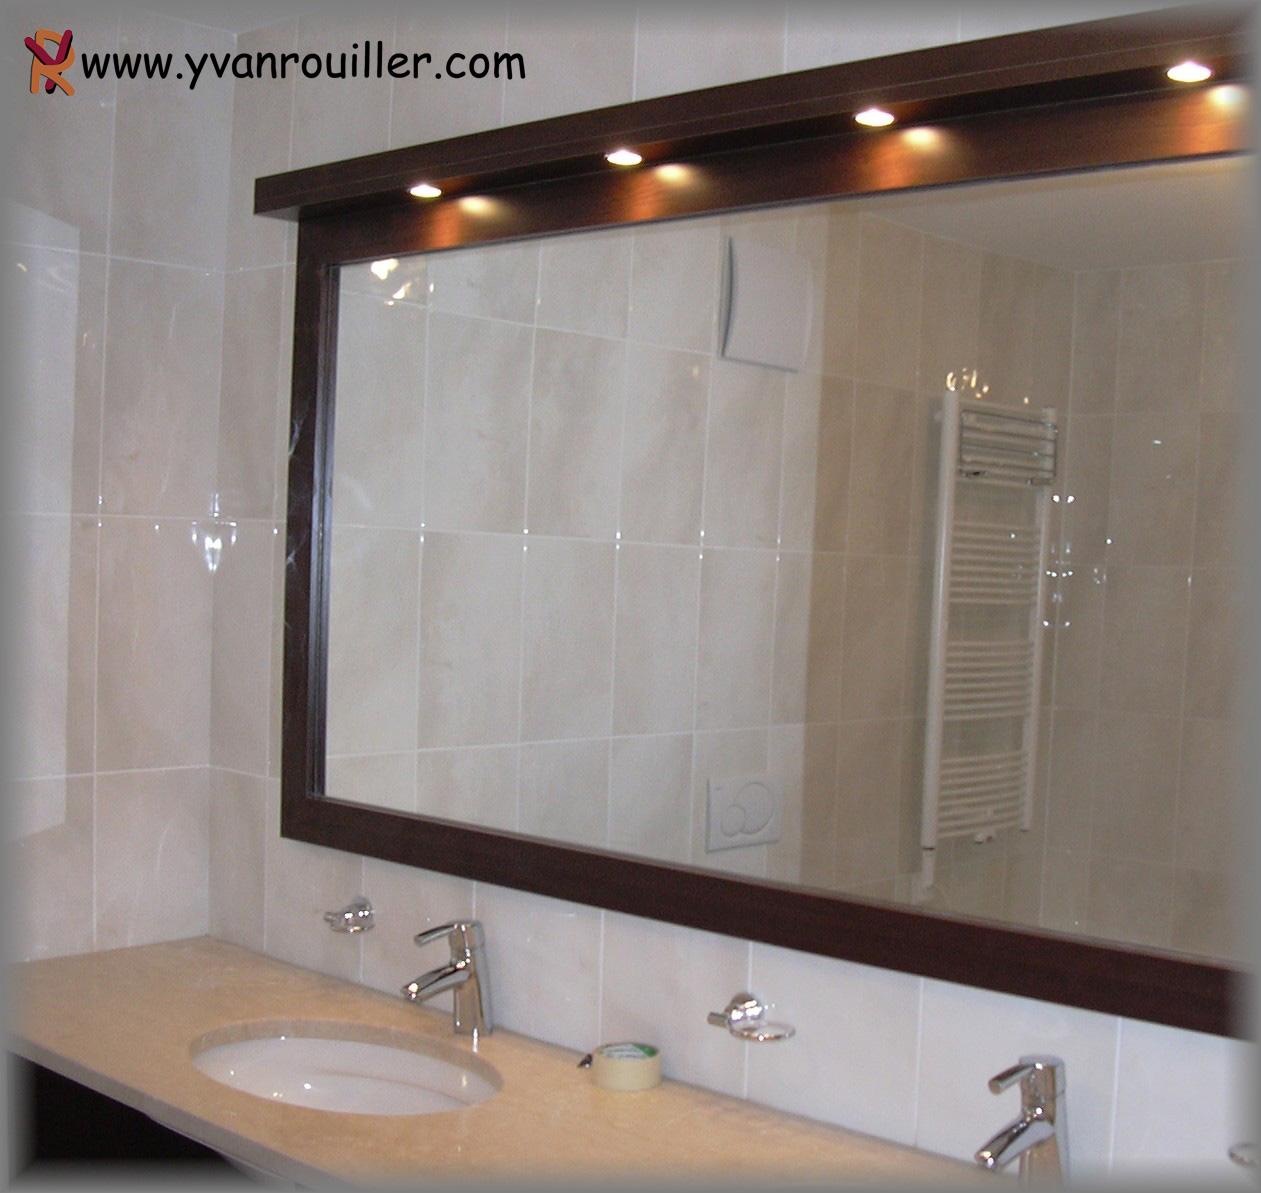 Salles de bain | Yvan Rouiller